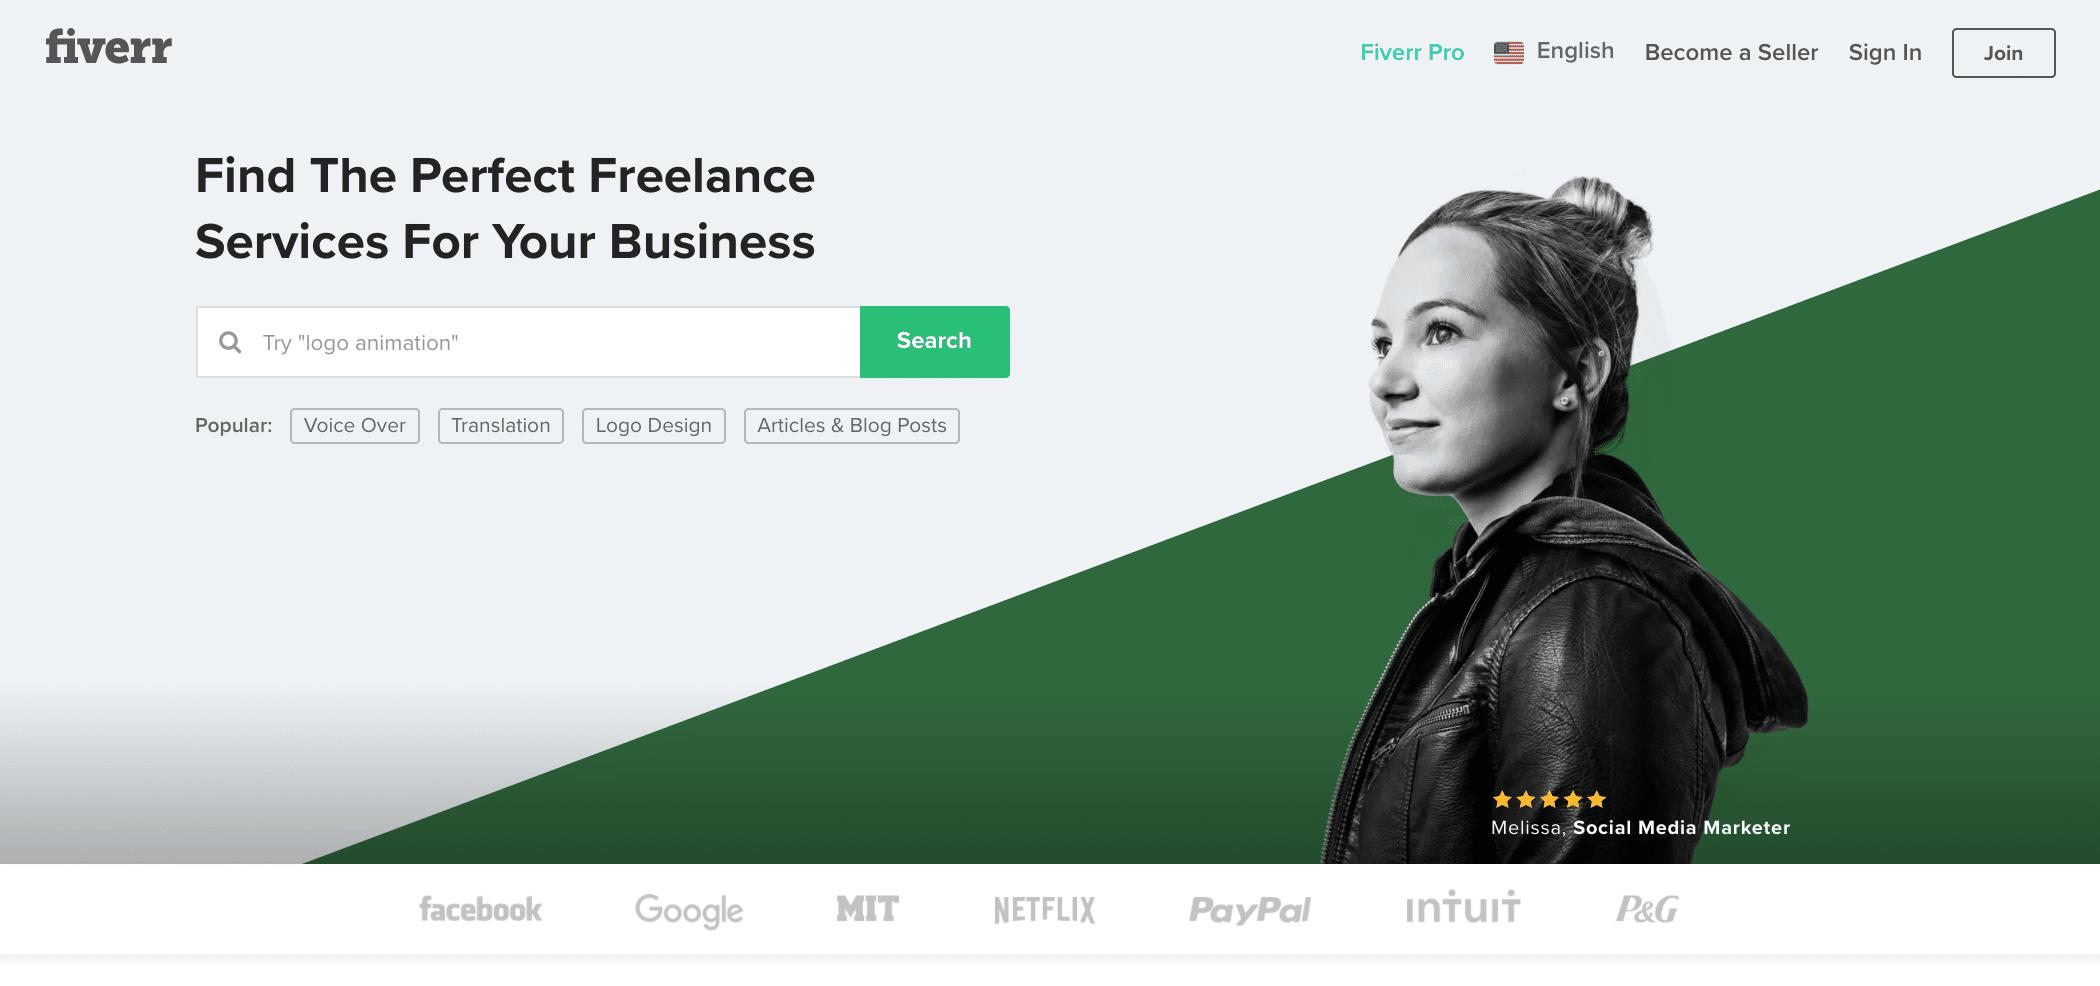 Fiverr(ファイバー): ギグワーカー向け・スキルPRでマッチングして仕事をもらう